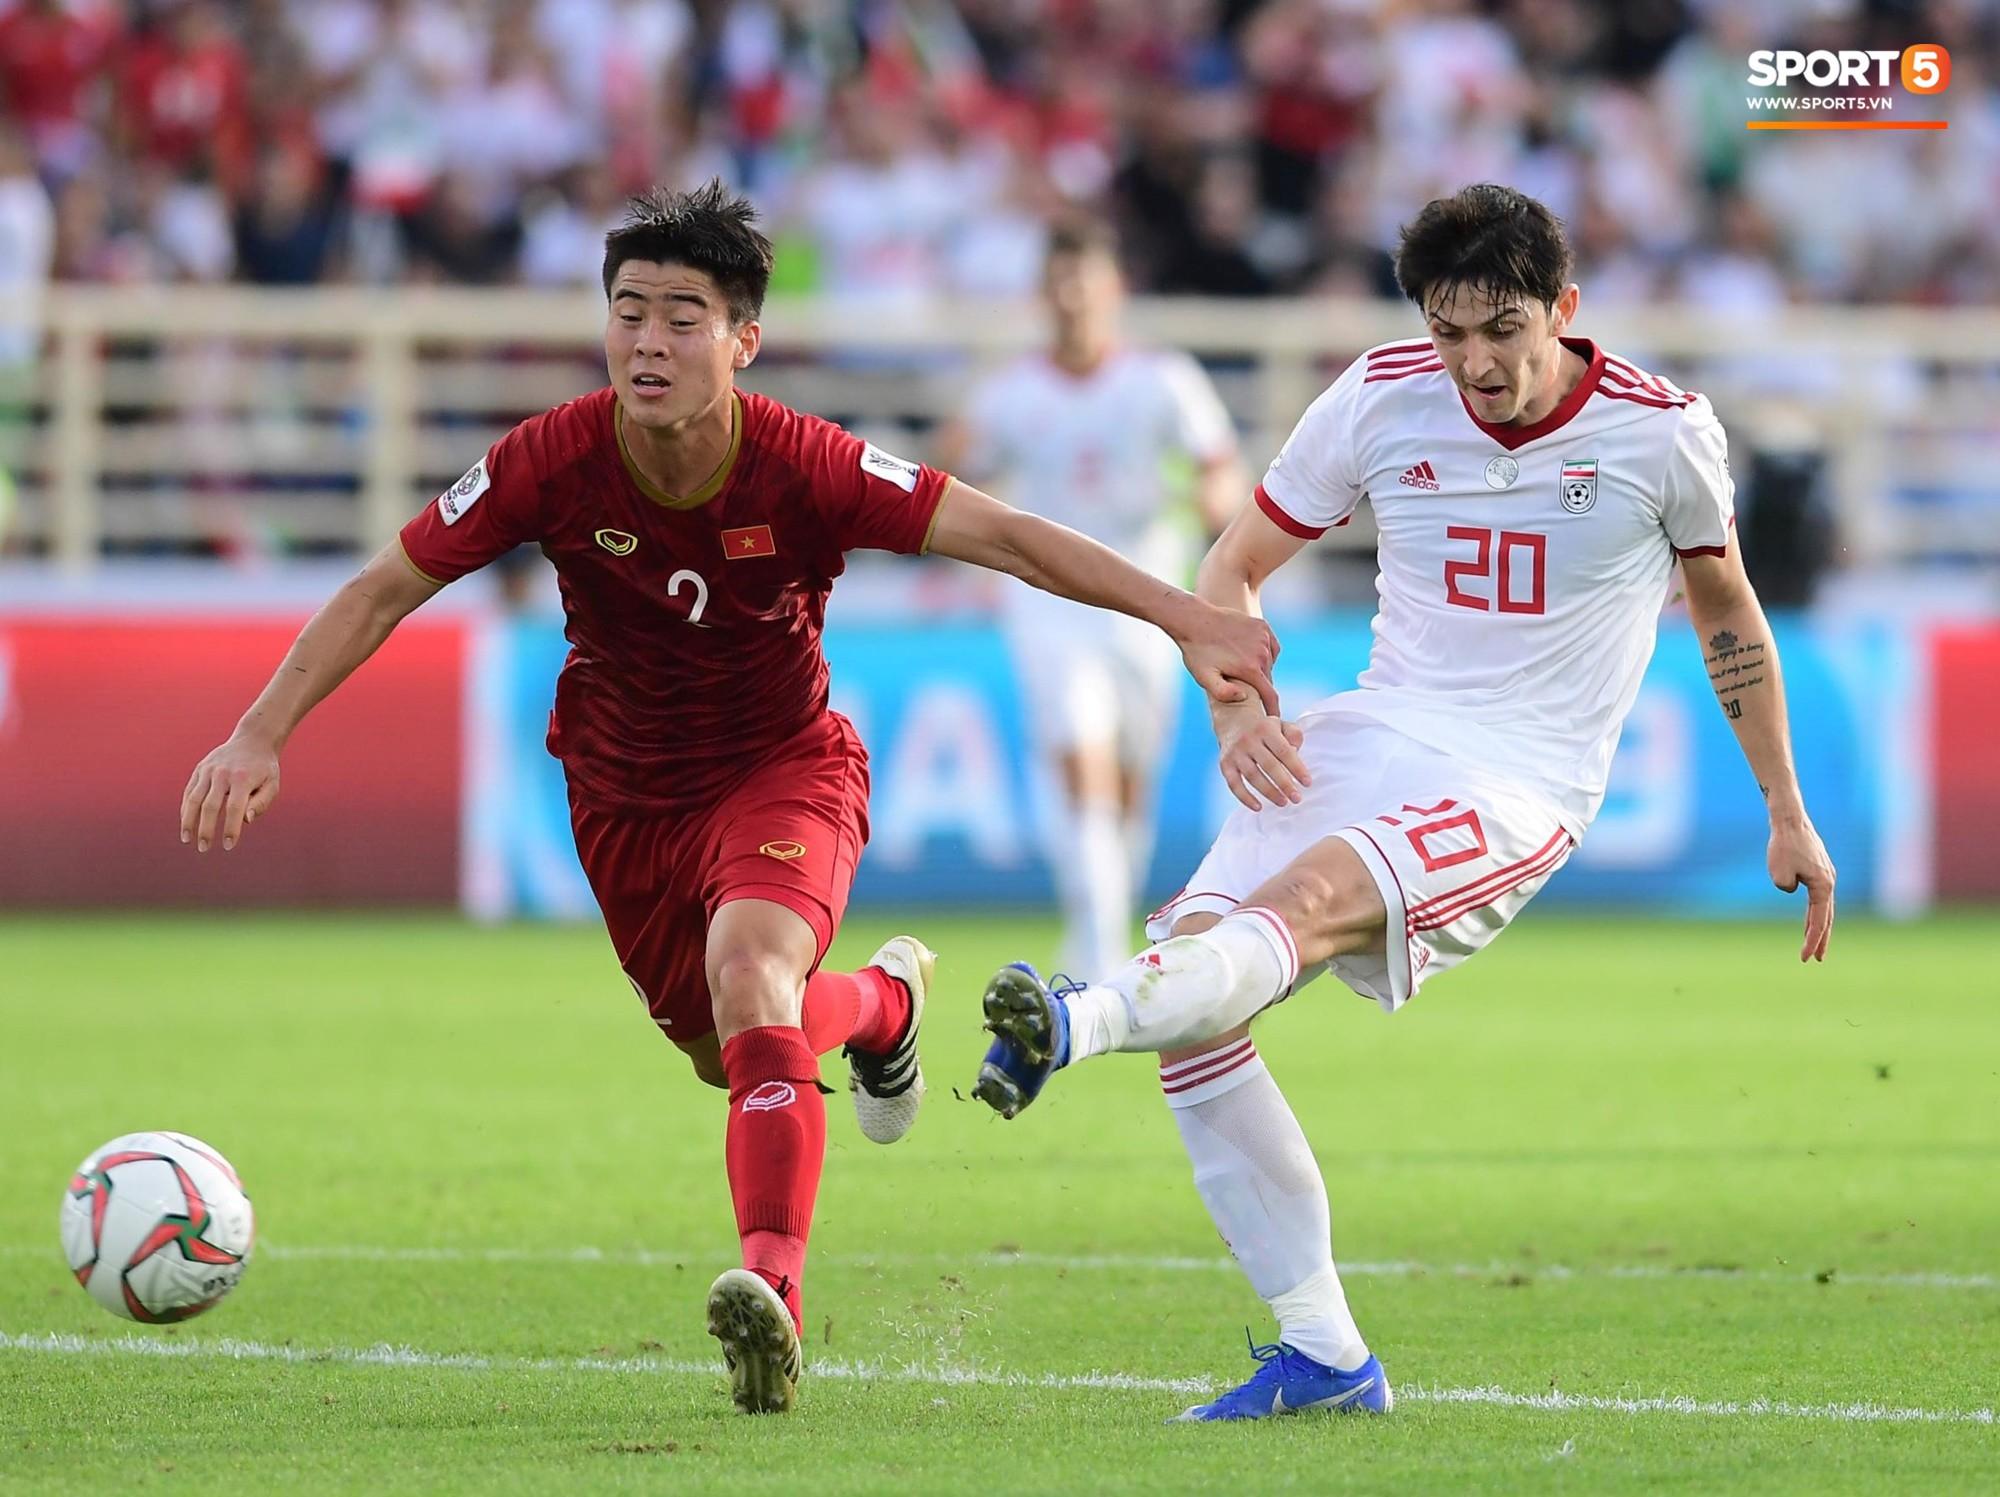 Mạnh gắt bị treo giò vì thẻ phạt sau trận thua Iran - Ảnh 2.